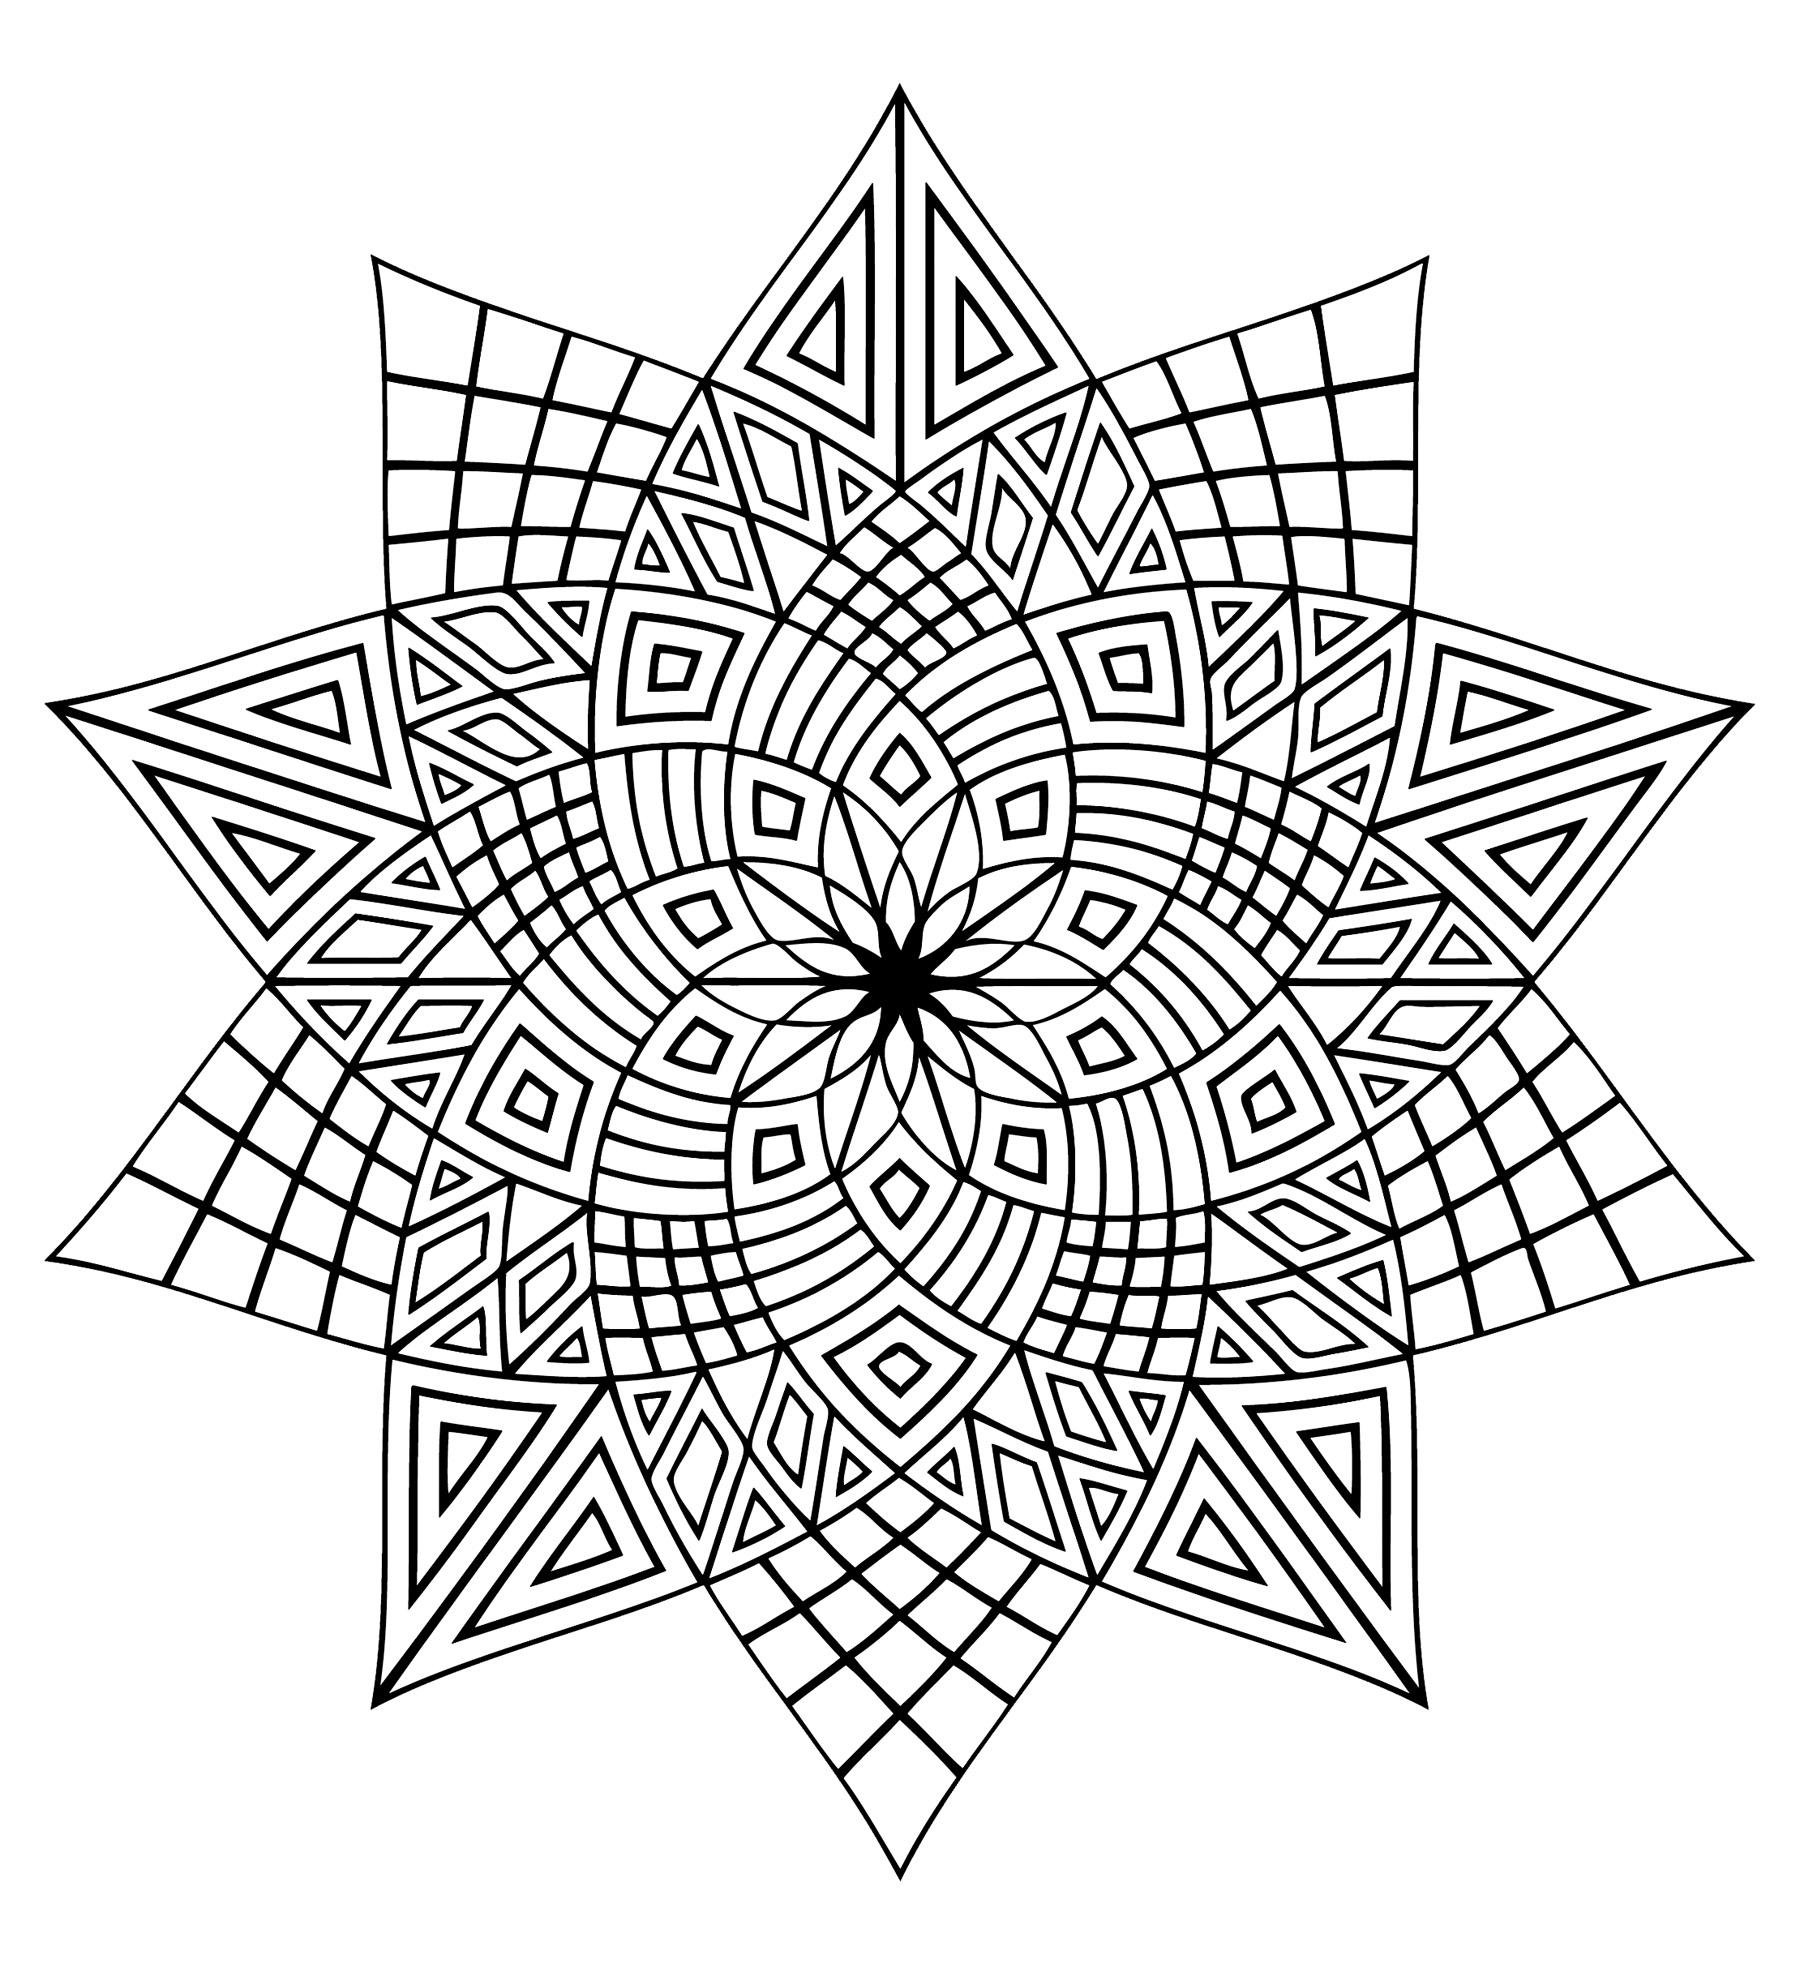 Mandala a colorier zen relax gratuit 20 mandalas zen anti stress 100 mandalas zen anti - Mandalas a colorier gratuit ...